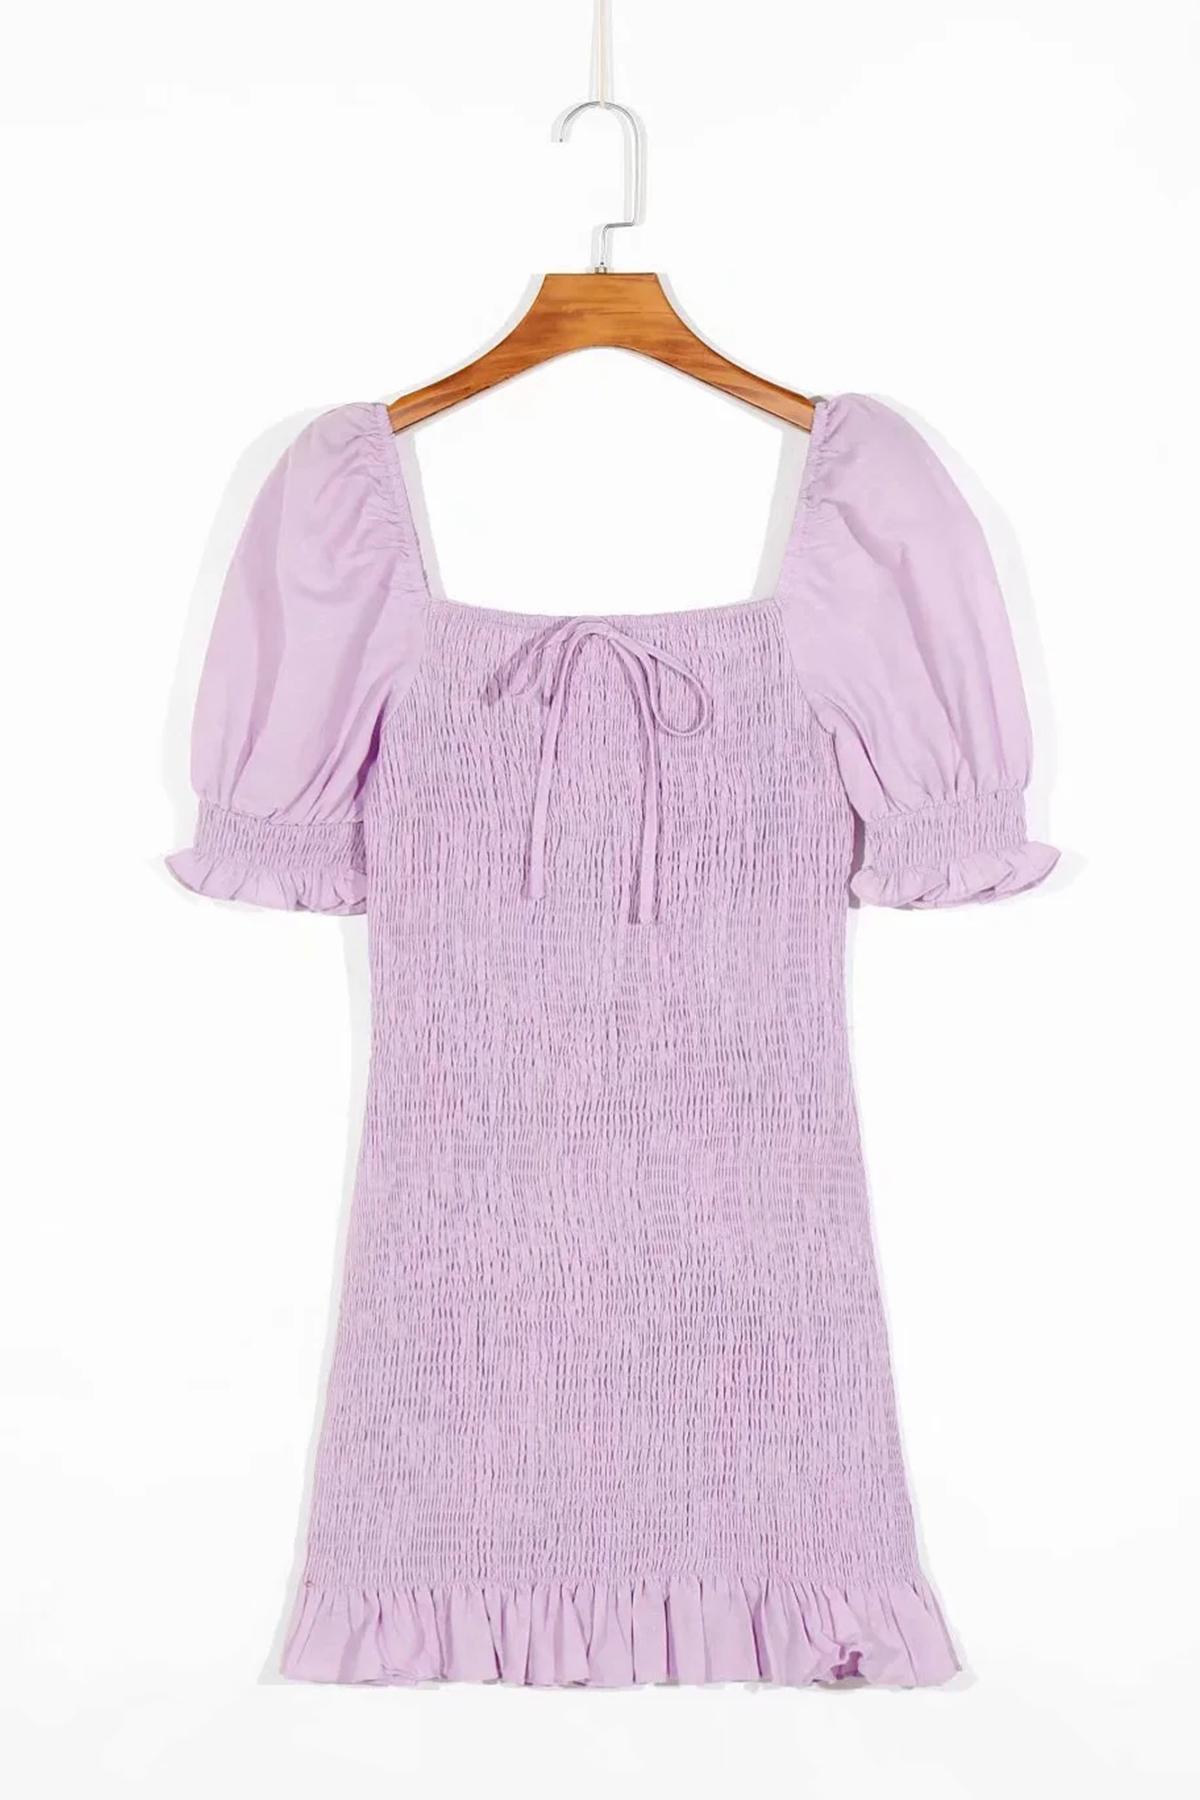 THE MOODSS Billie Linen Mini Dress-1